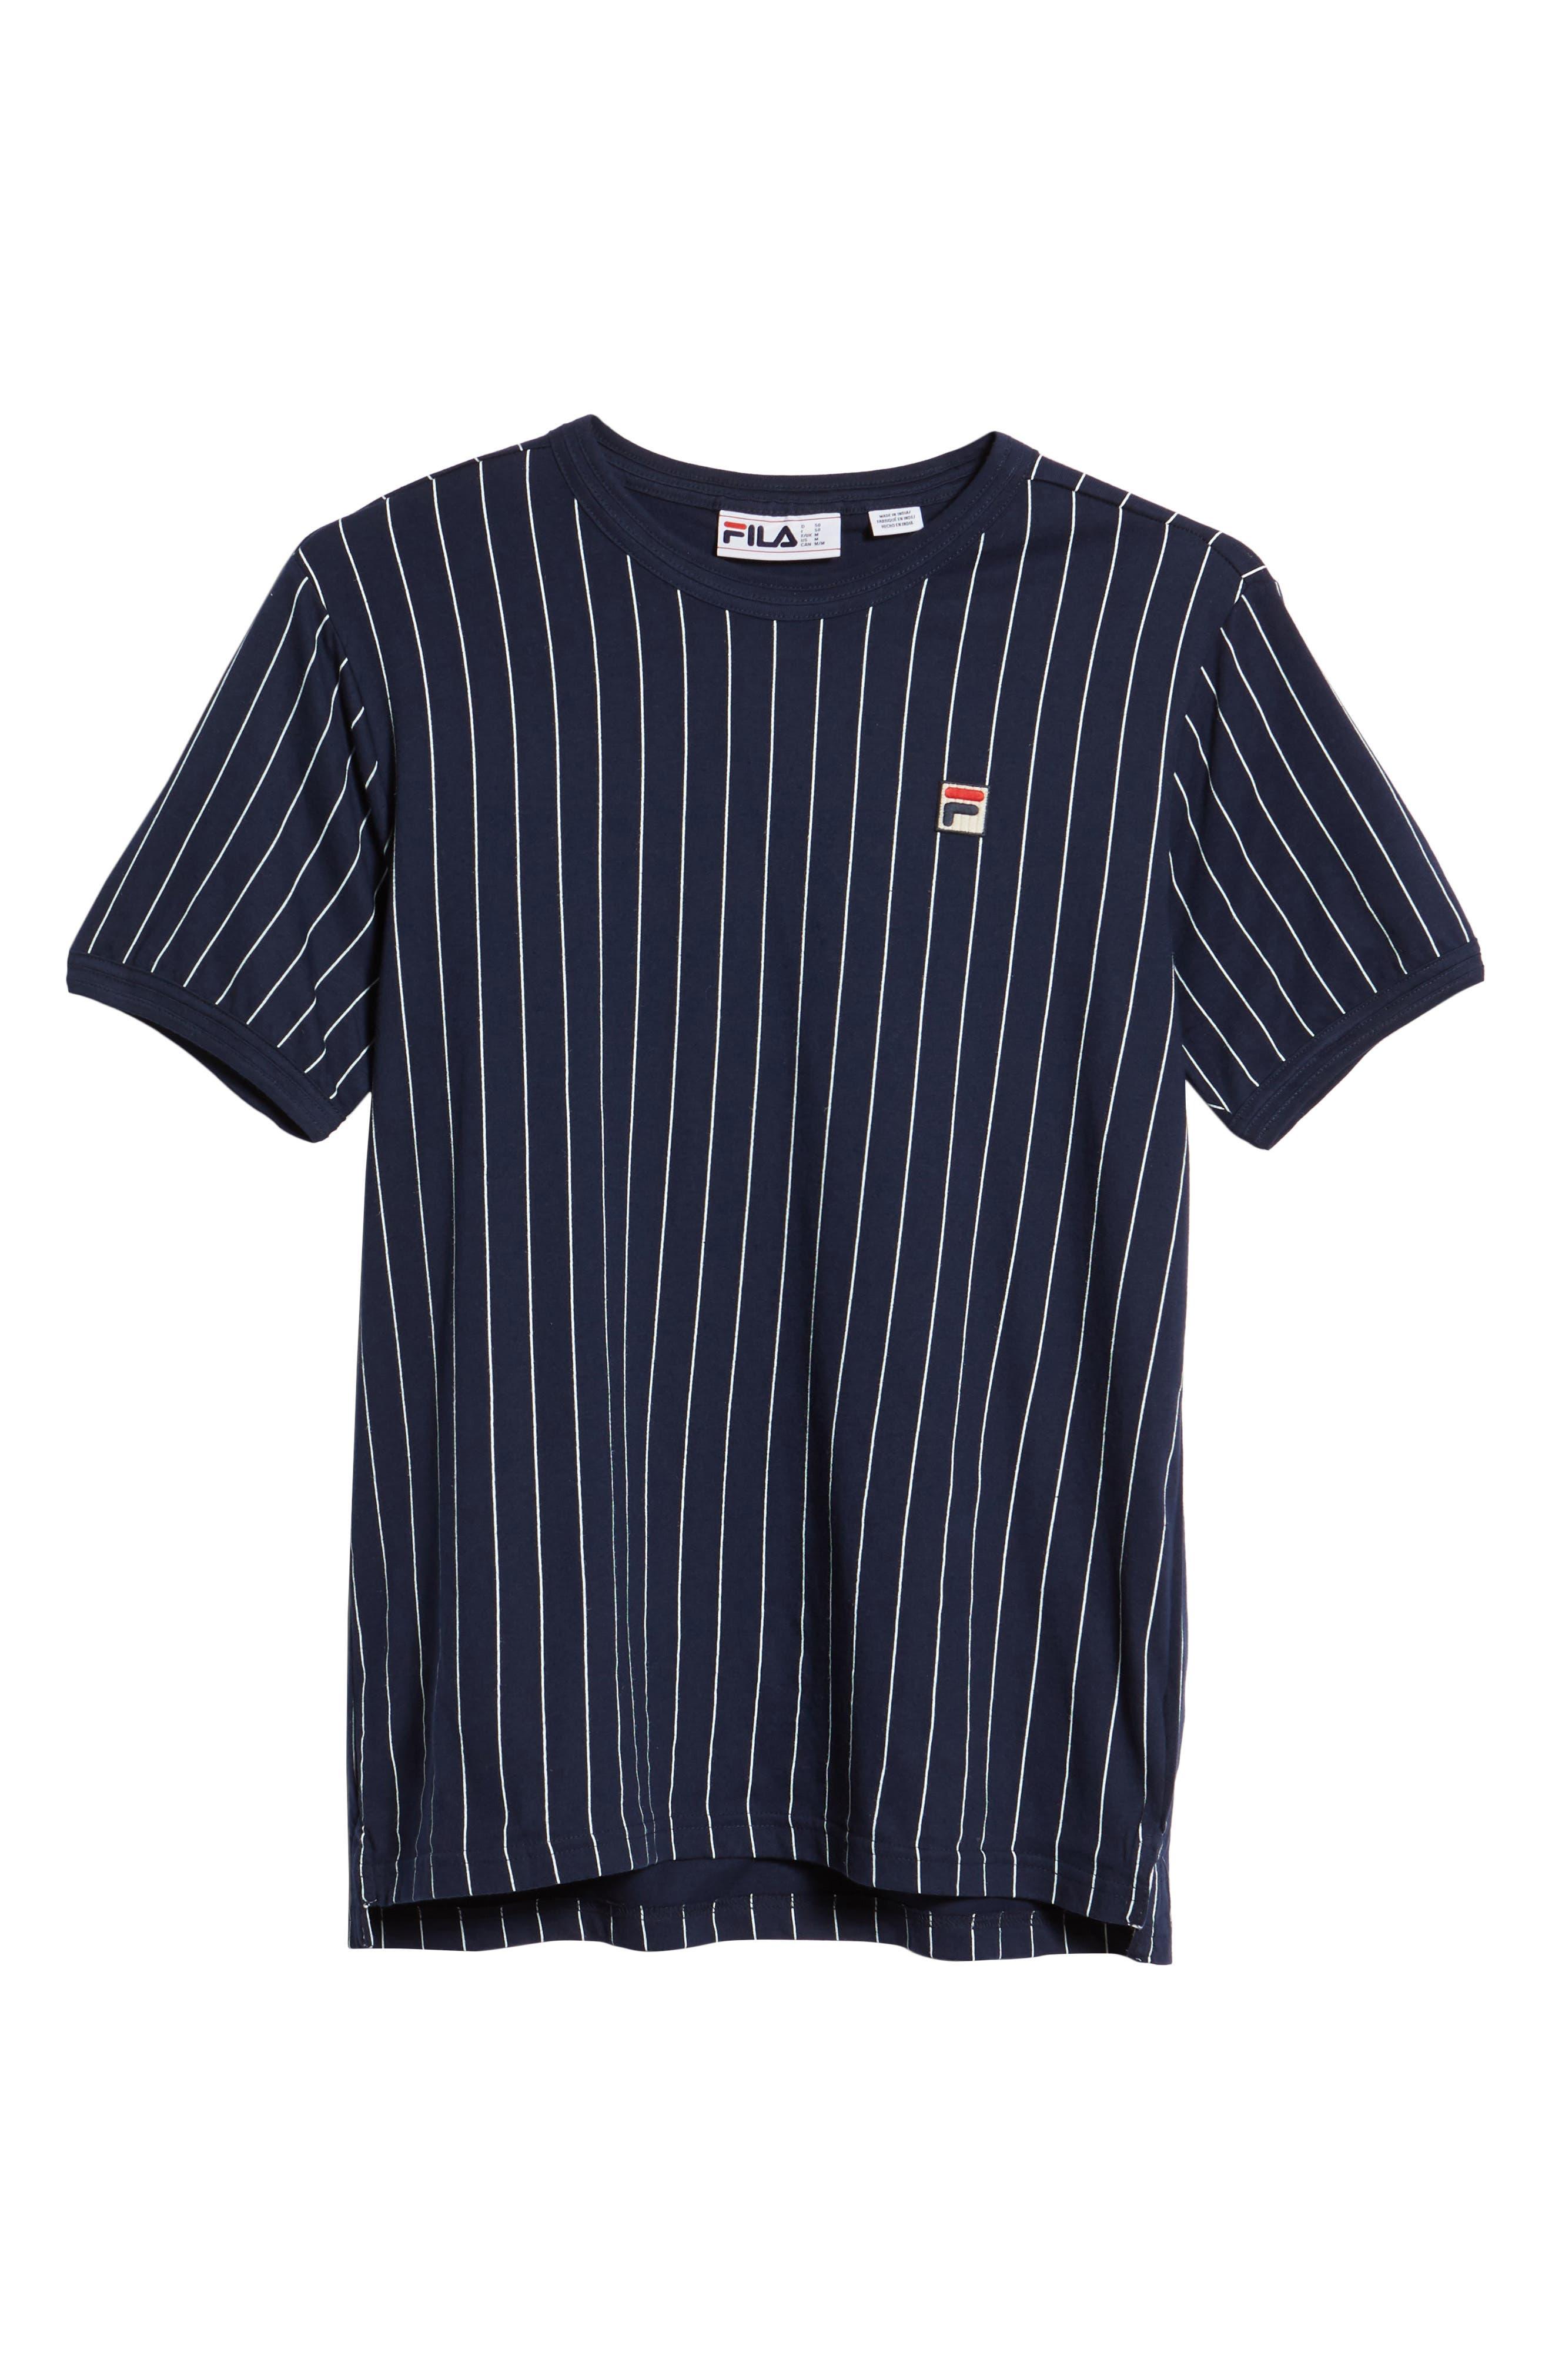 Guilo T-Shirt,                             Alternate thumbnail 6, color,                             PEACOAT/ WHITE